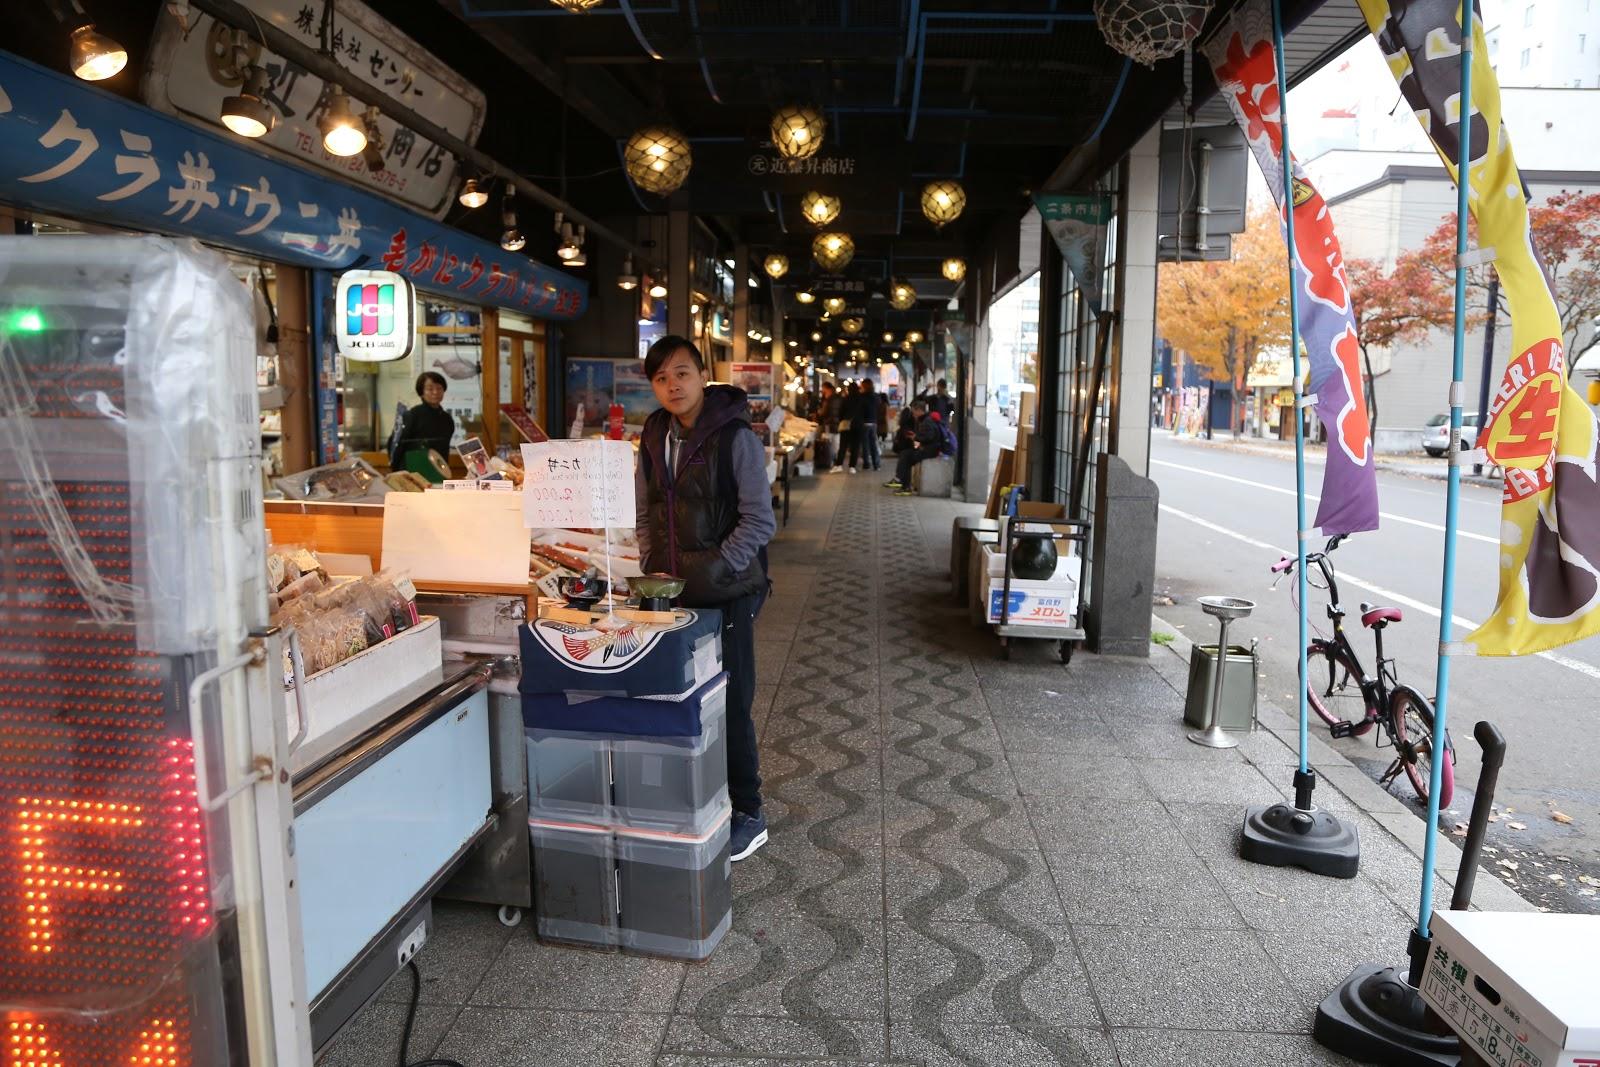 北海道7天自駕遊DAY 6 (札幌二條市場/三井outlet/丸駒溫泉旅館/懷石 | 康夫人旅遊記。遊遍世界各地 – U Blog 博客